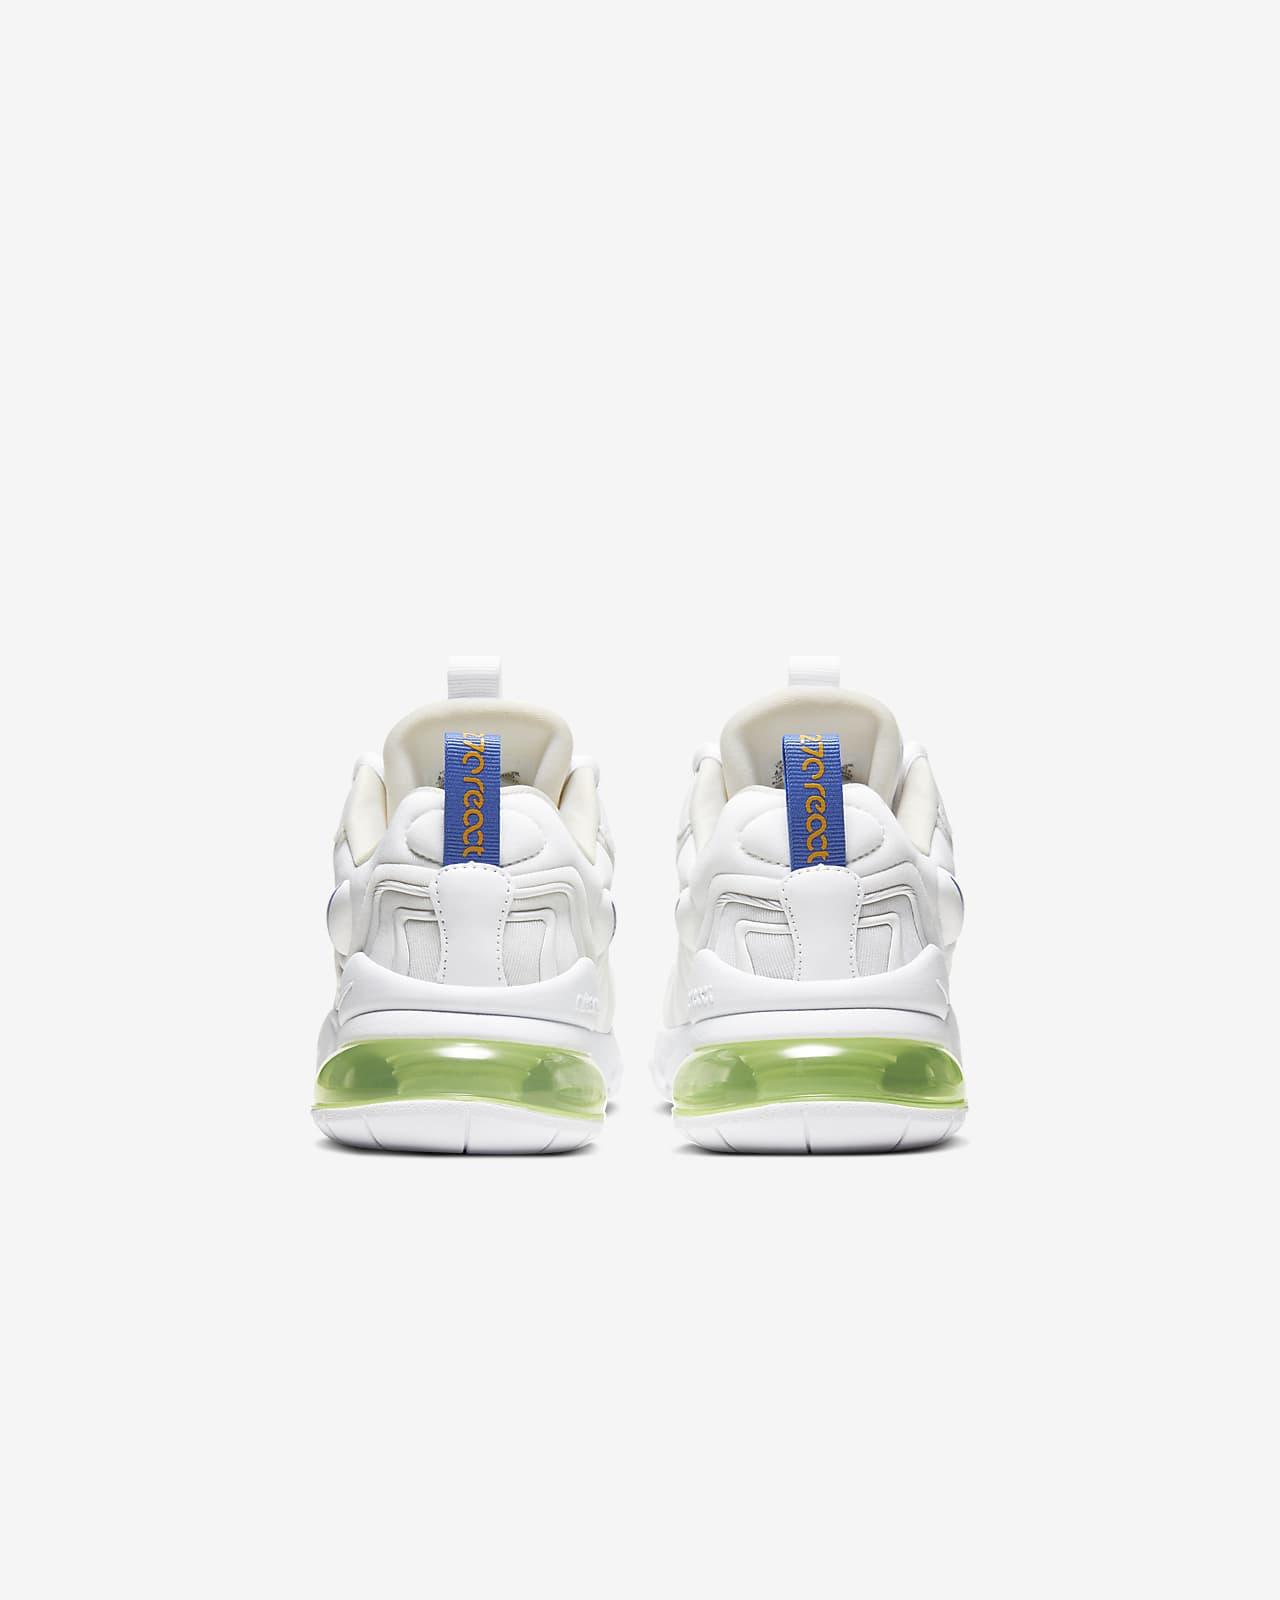 2020 Buty Nike Poduszką Powietrzną Dziecko Trampki